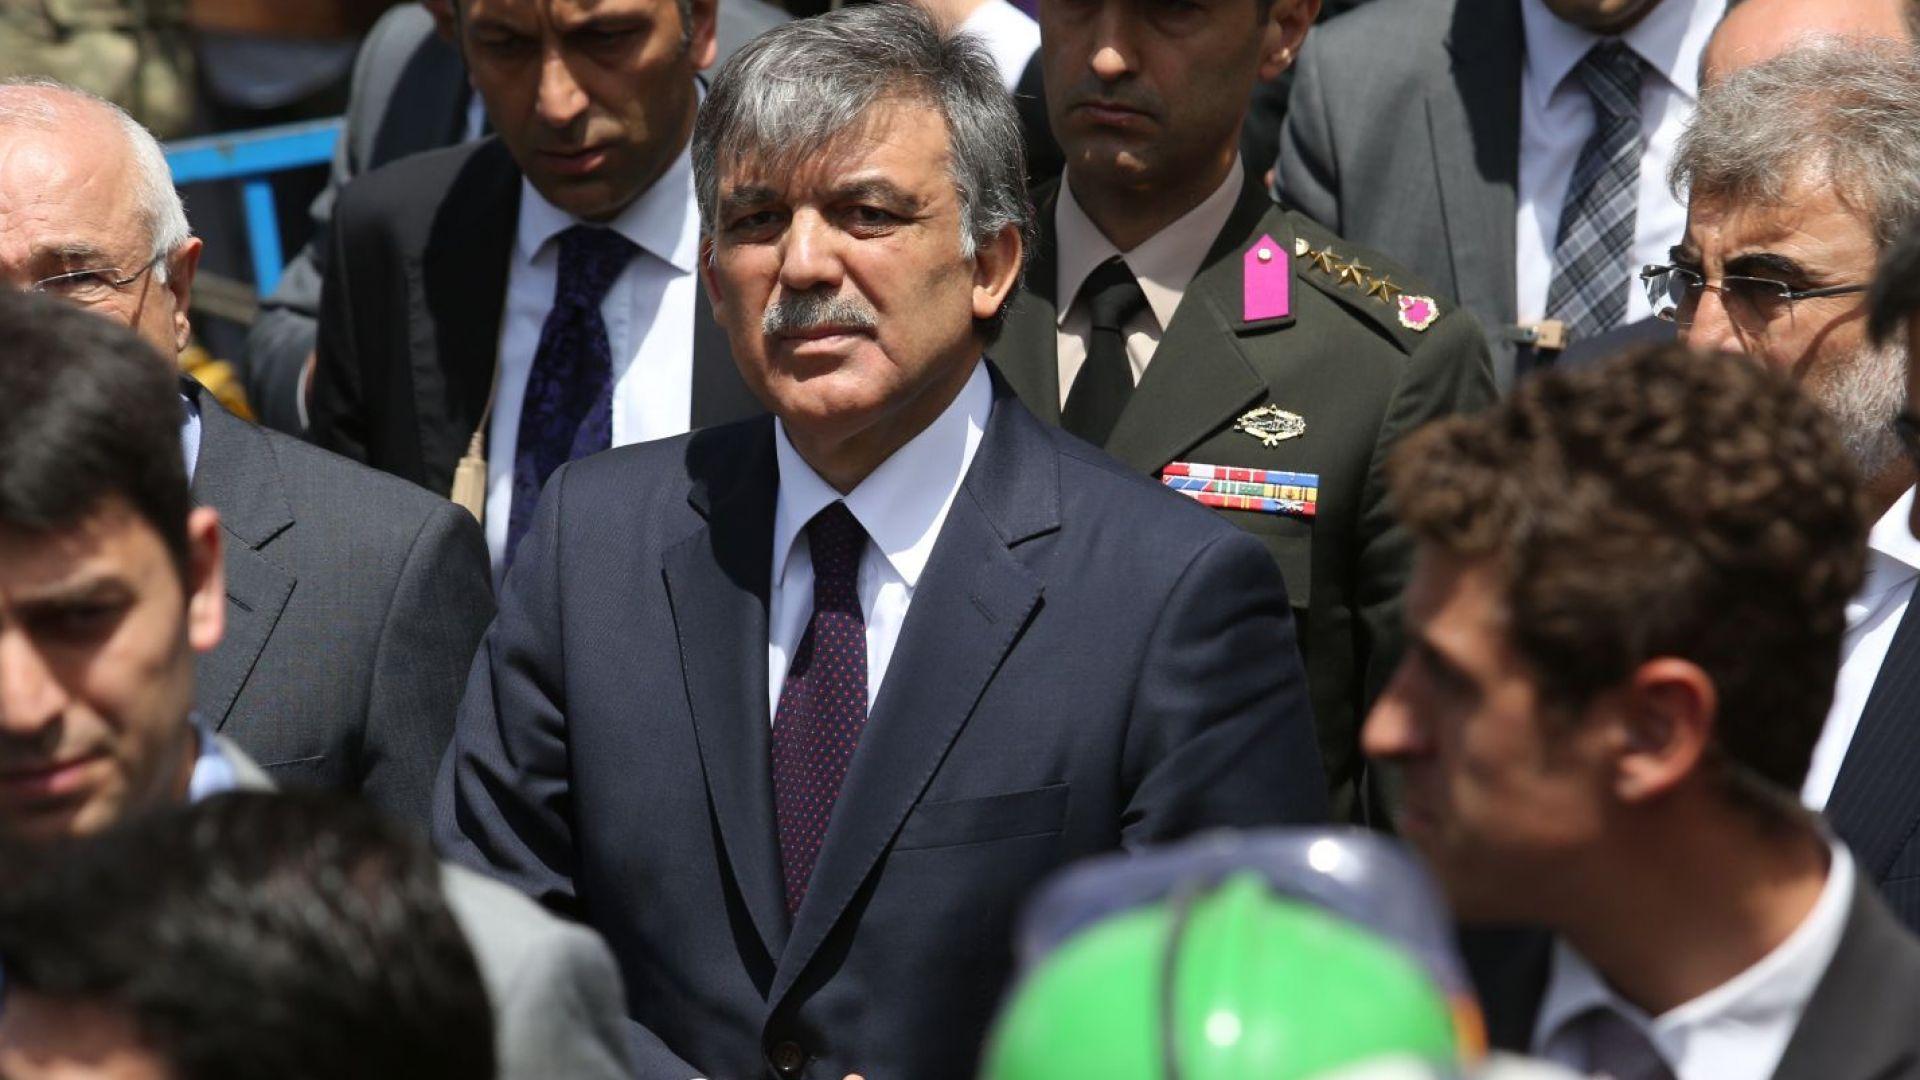 Бившият президент на Турция Абдуллах Гюл разкритикува решението на Висшата